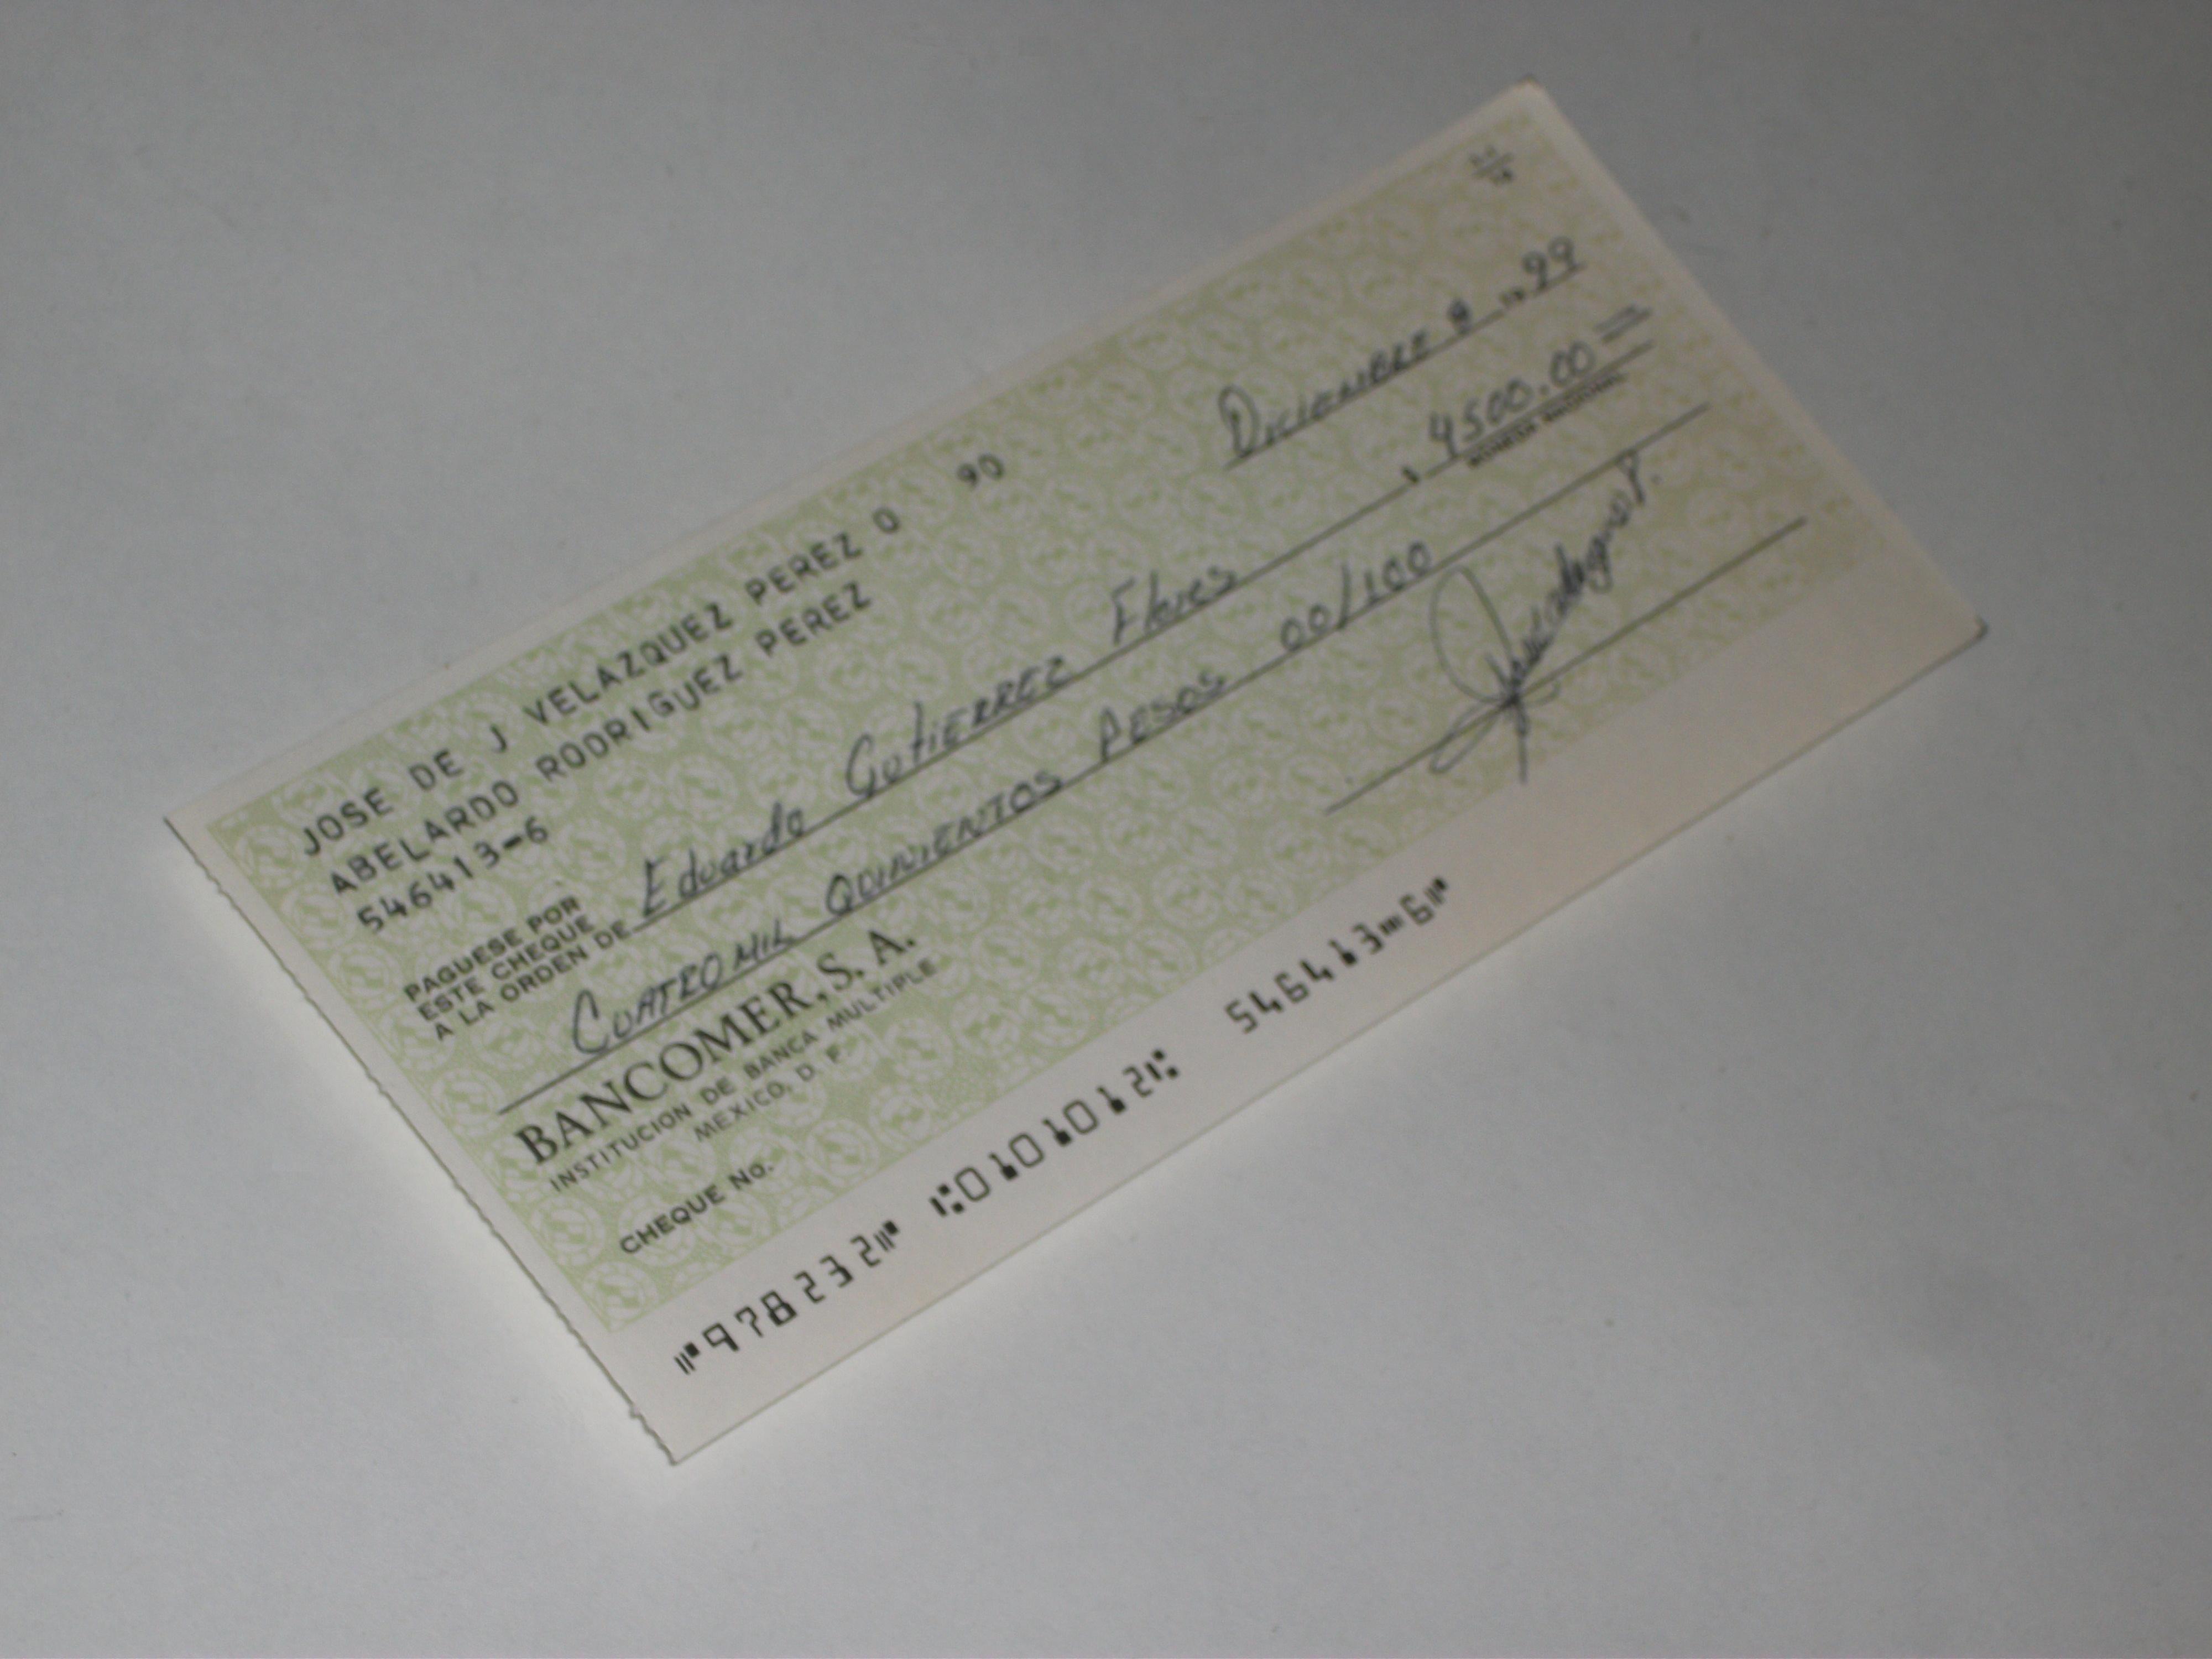 Con el cheque se pueden realizar transacciones.